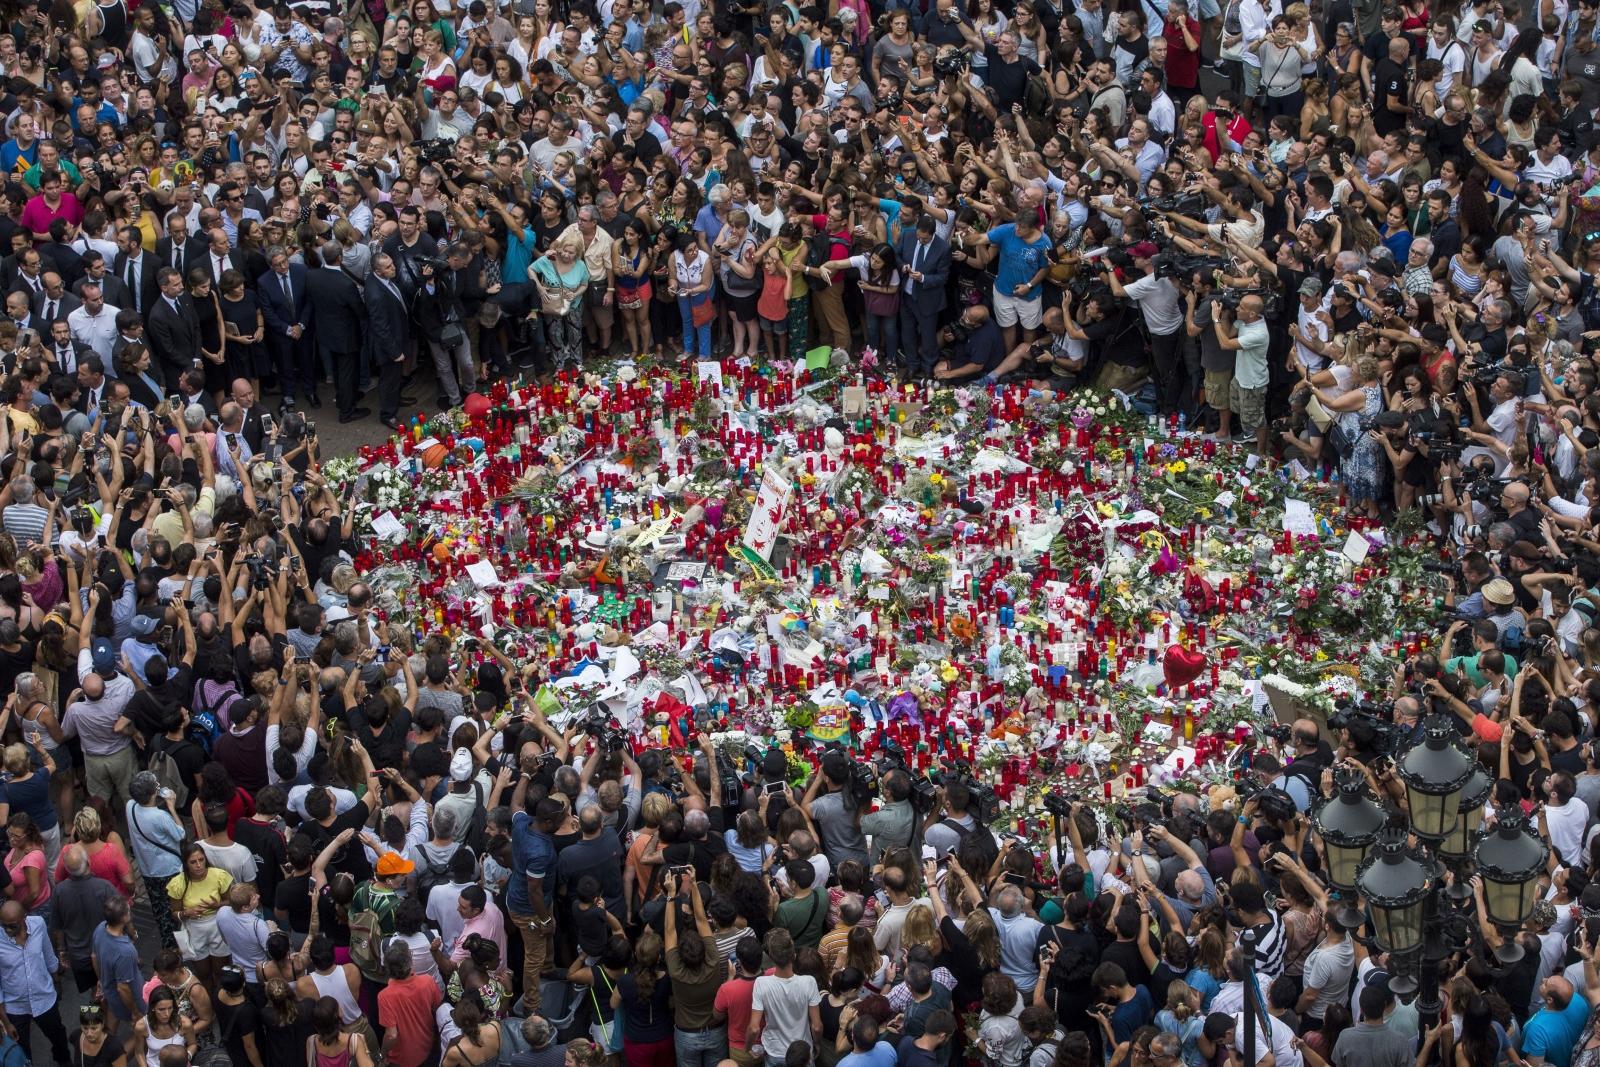 Po atakach w Barcelonie, Hiszpania